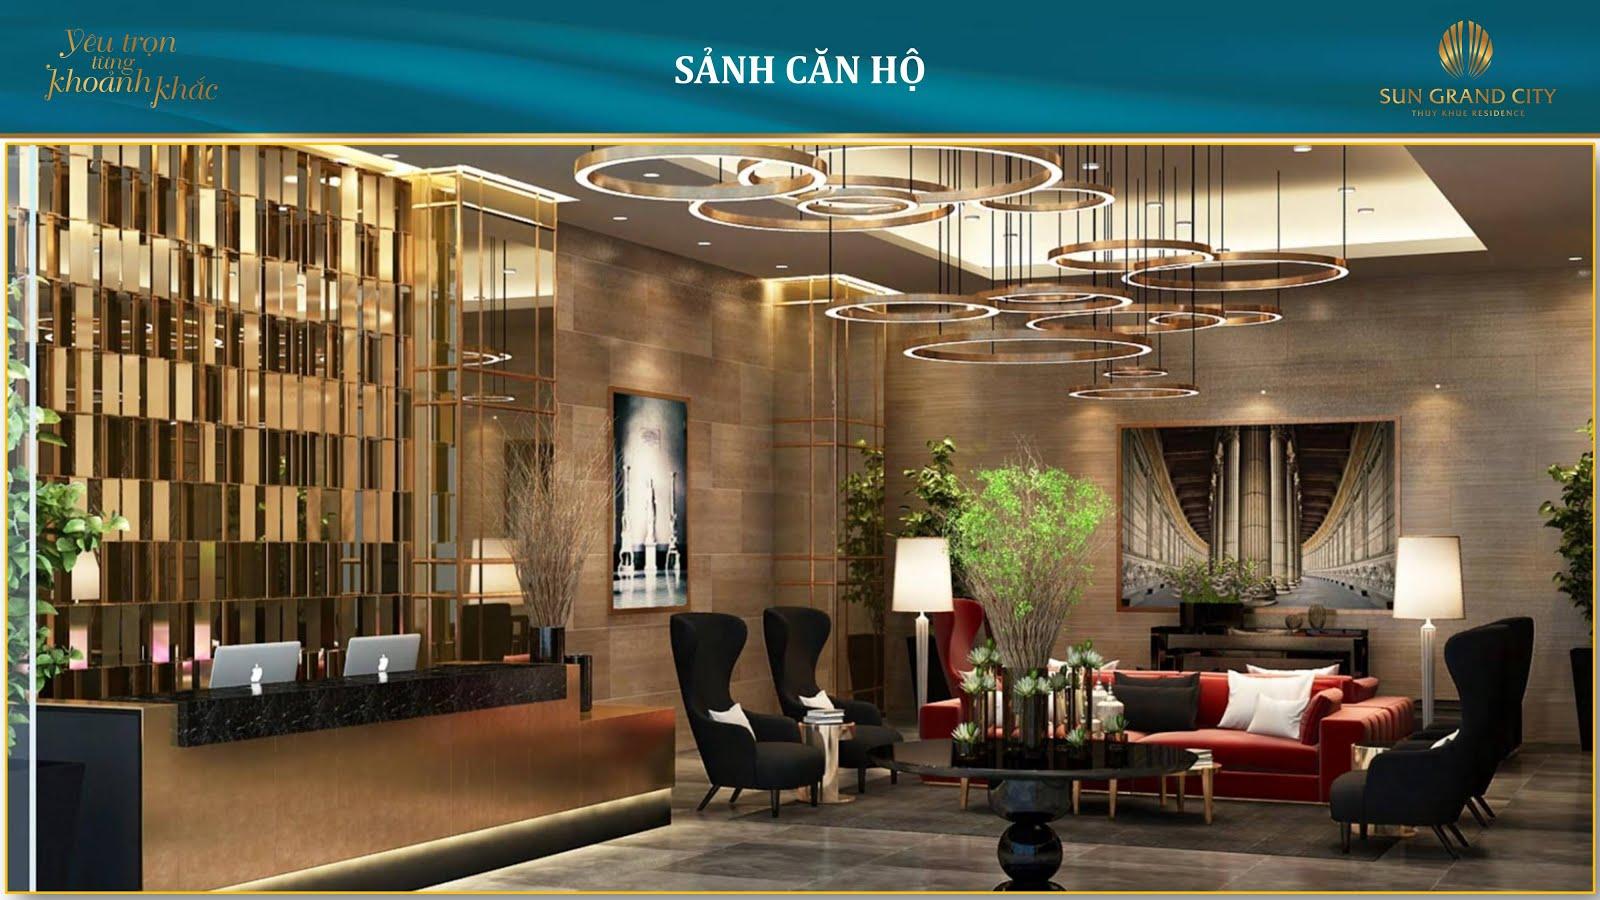 Sảnh chờ của Sun Grand City Láng Hạ được thiết kế sang trọng như những khách sạn 5 sao